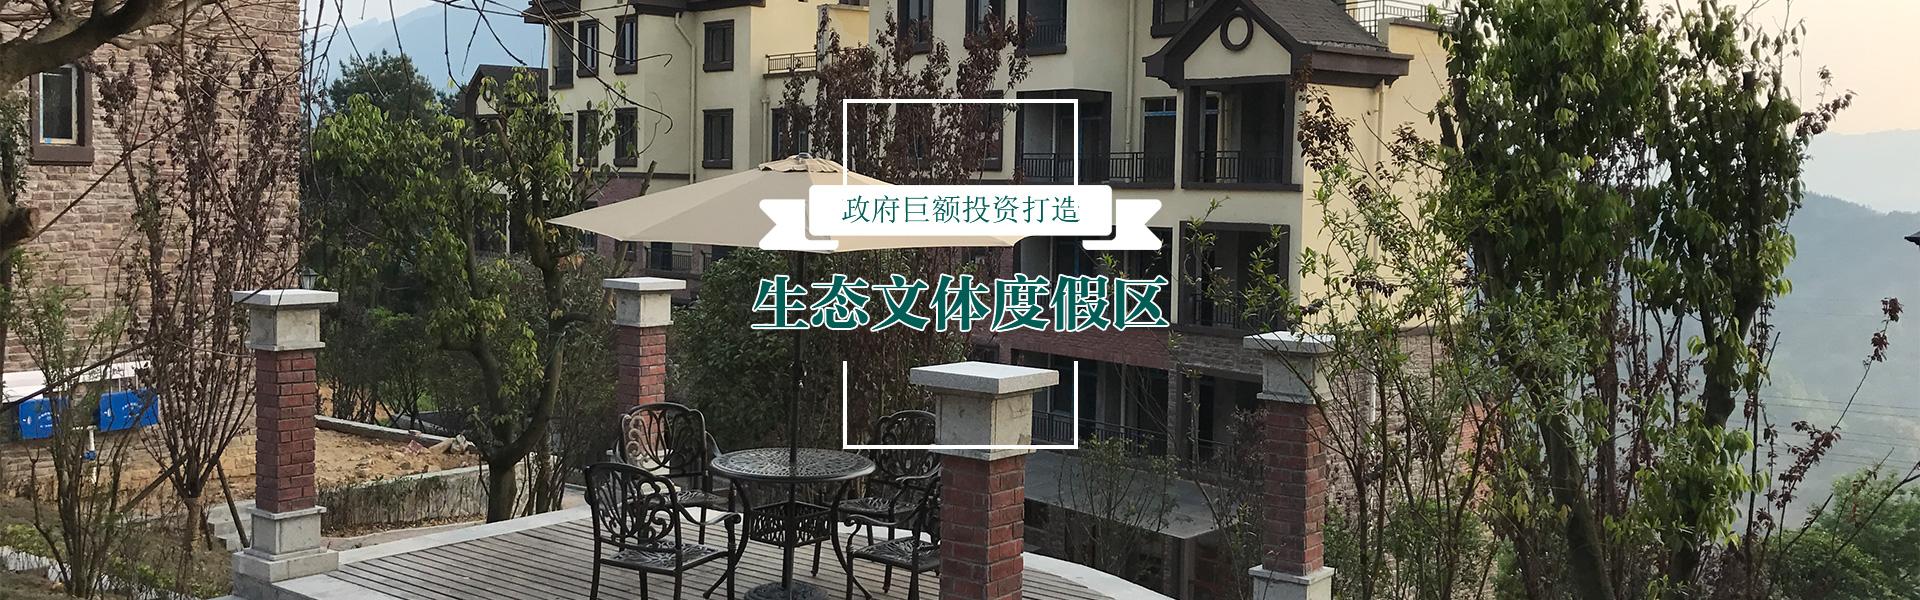 重庆避暑房